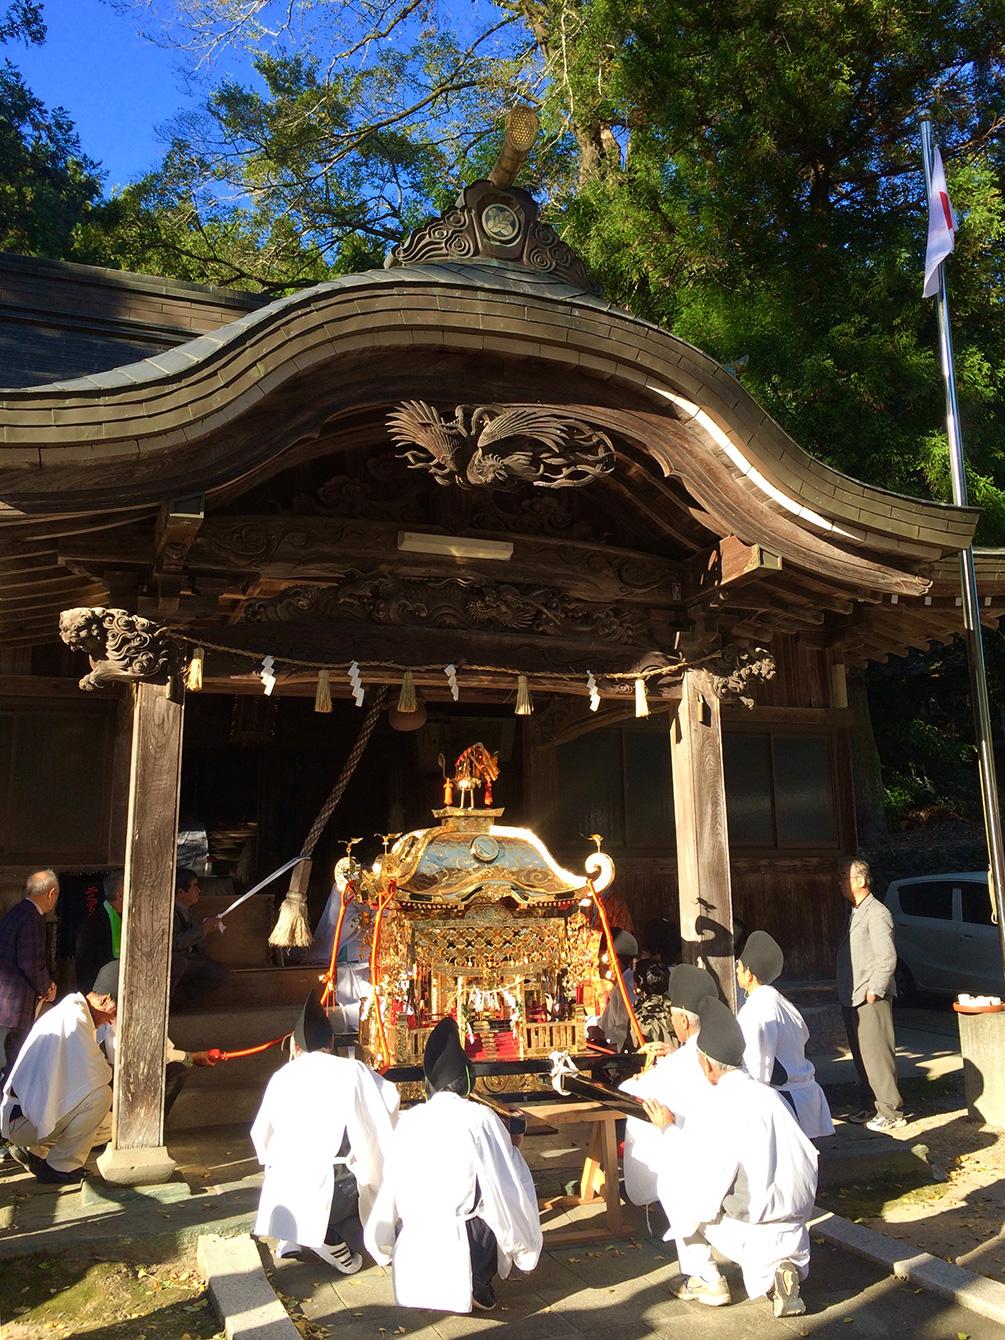 神様に本殿からお神輿へ移動していただく儀式。神様を見てはいけないので、移動が始まると頭をさげて移動が終わるのを待ちます。